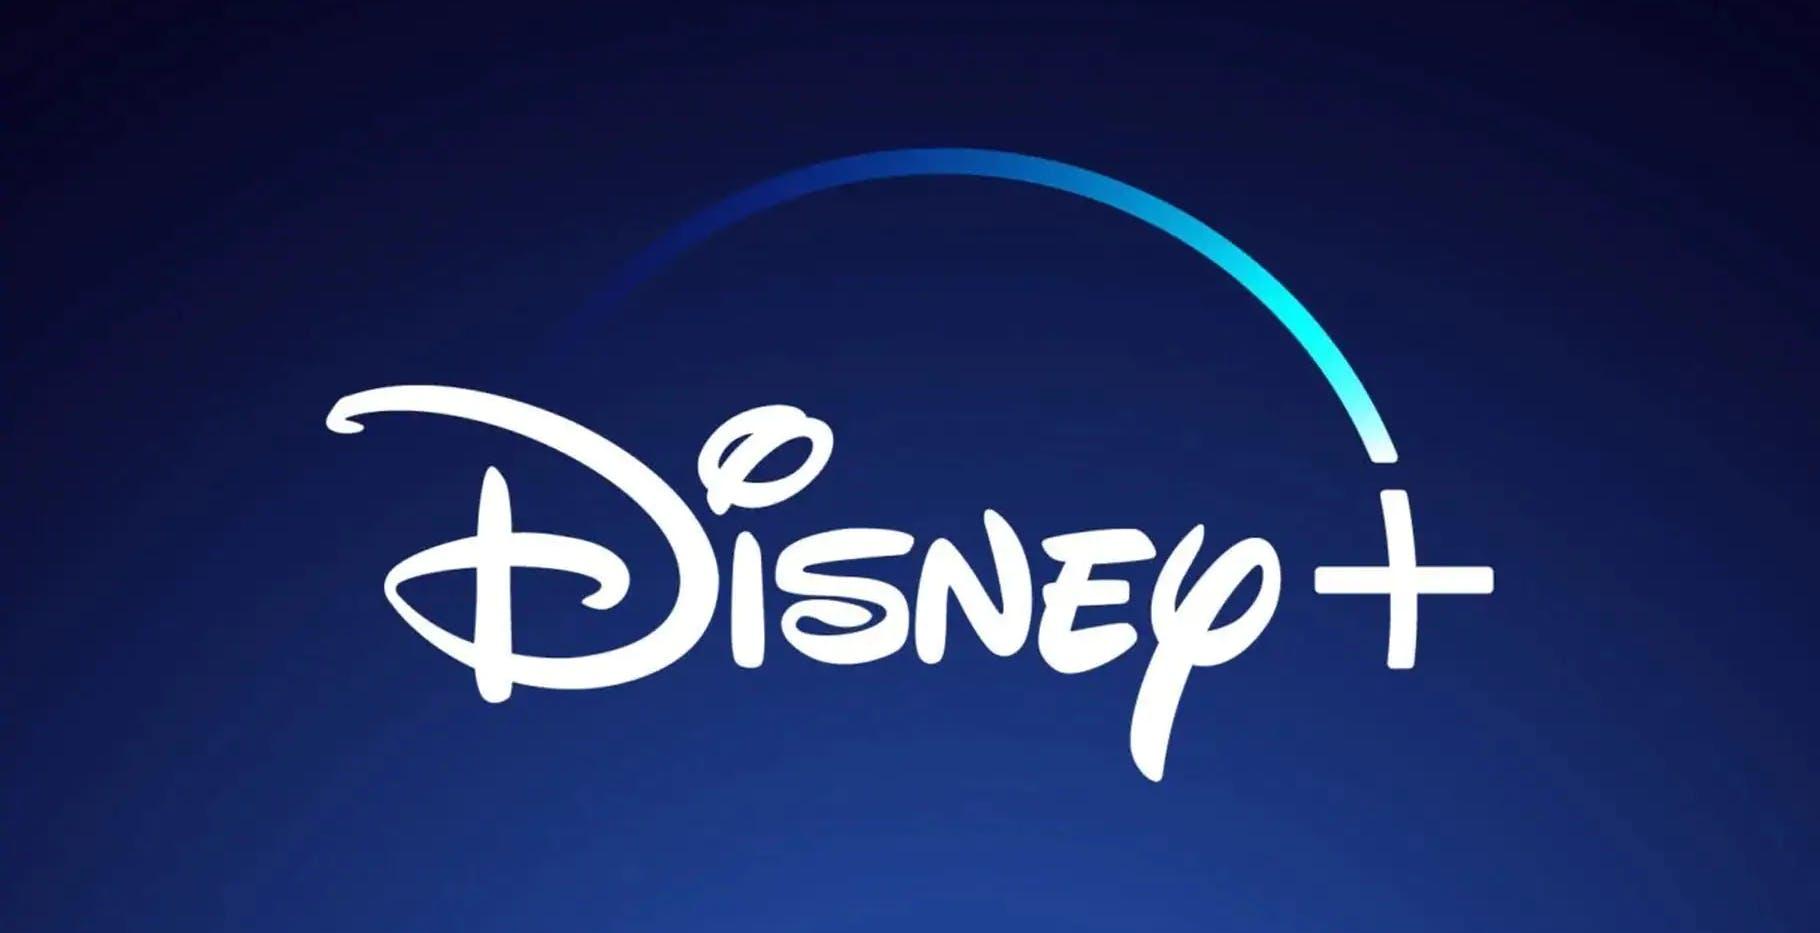 Disney Plus supera i 73 milioni di abbonati in meno di un anno